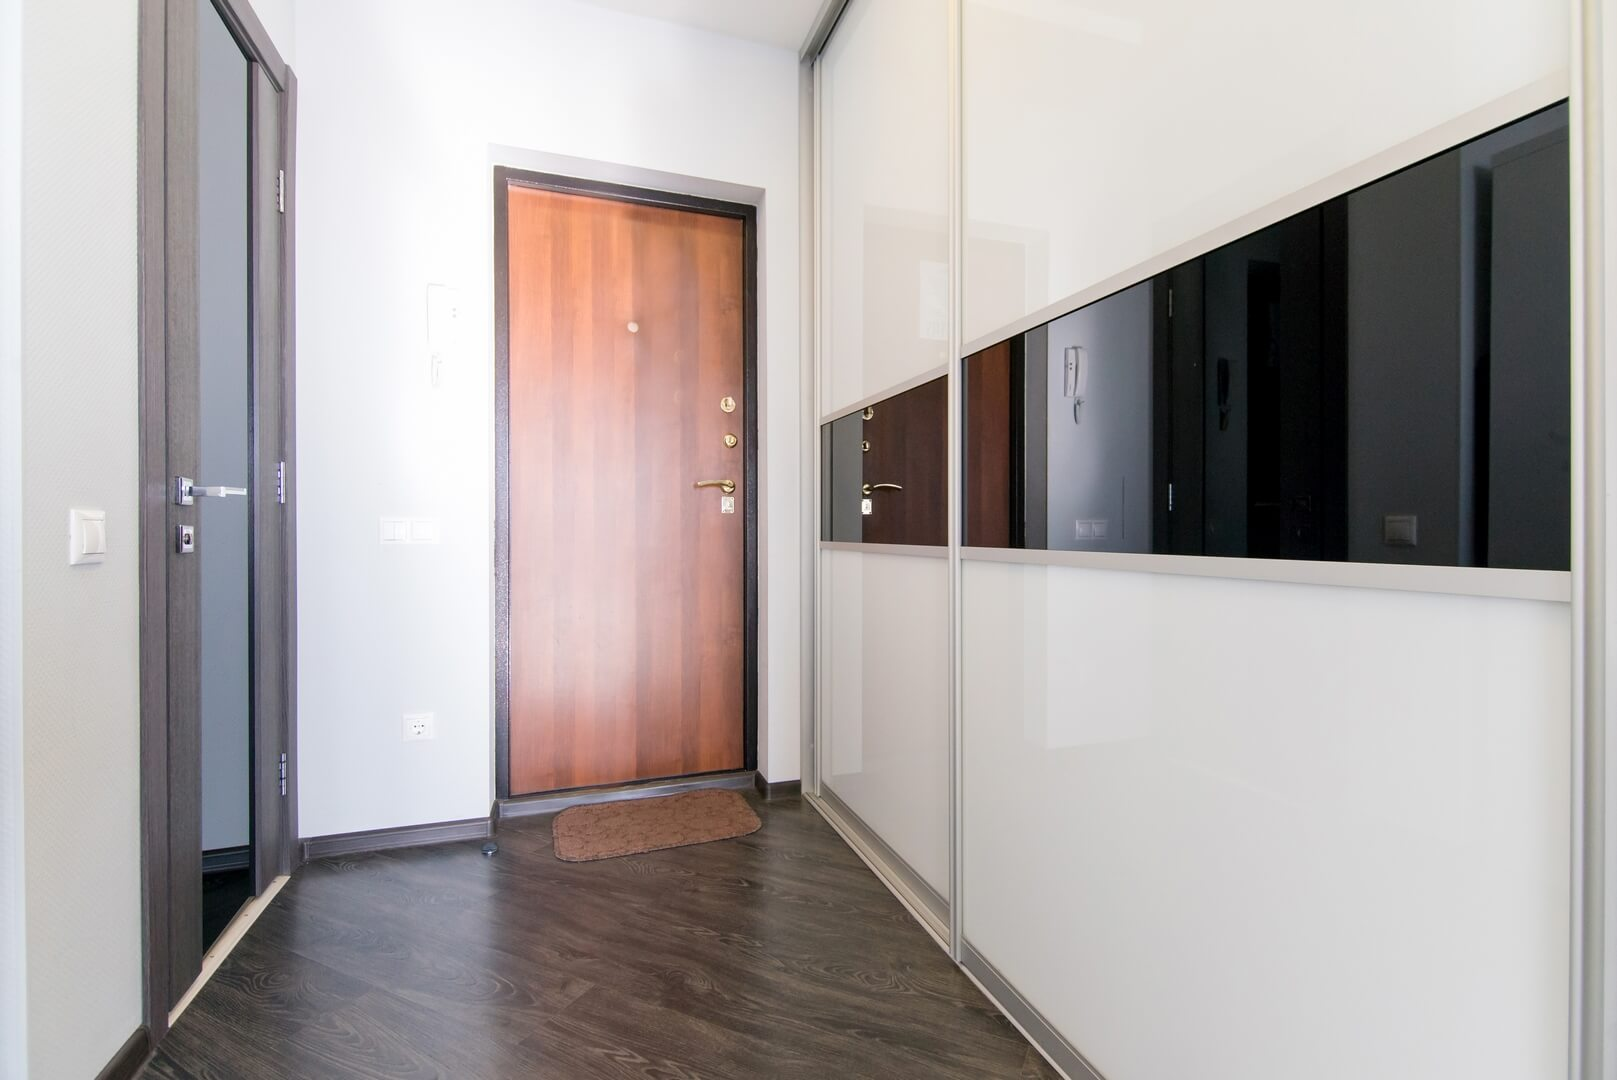 Szafa do przedpokoju z szklanymi drzwiami przesuwnymi w kolorze biało-czarnym